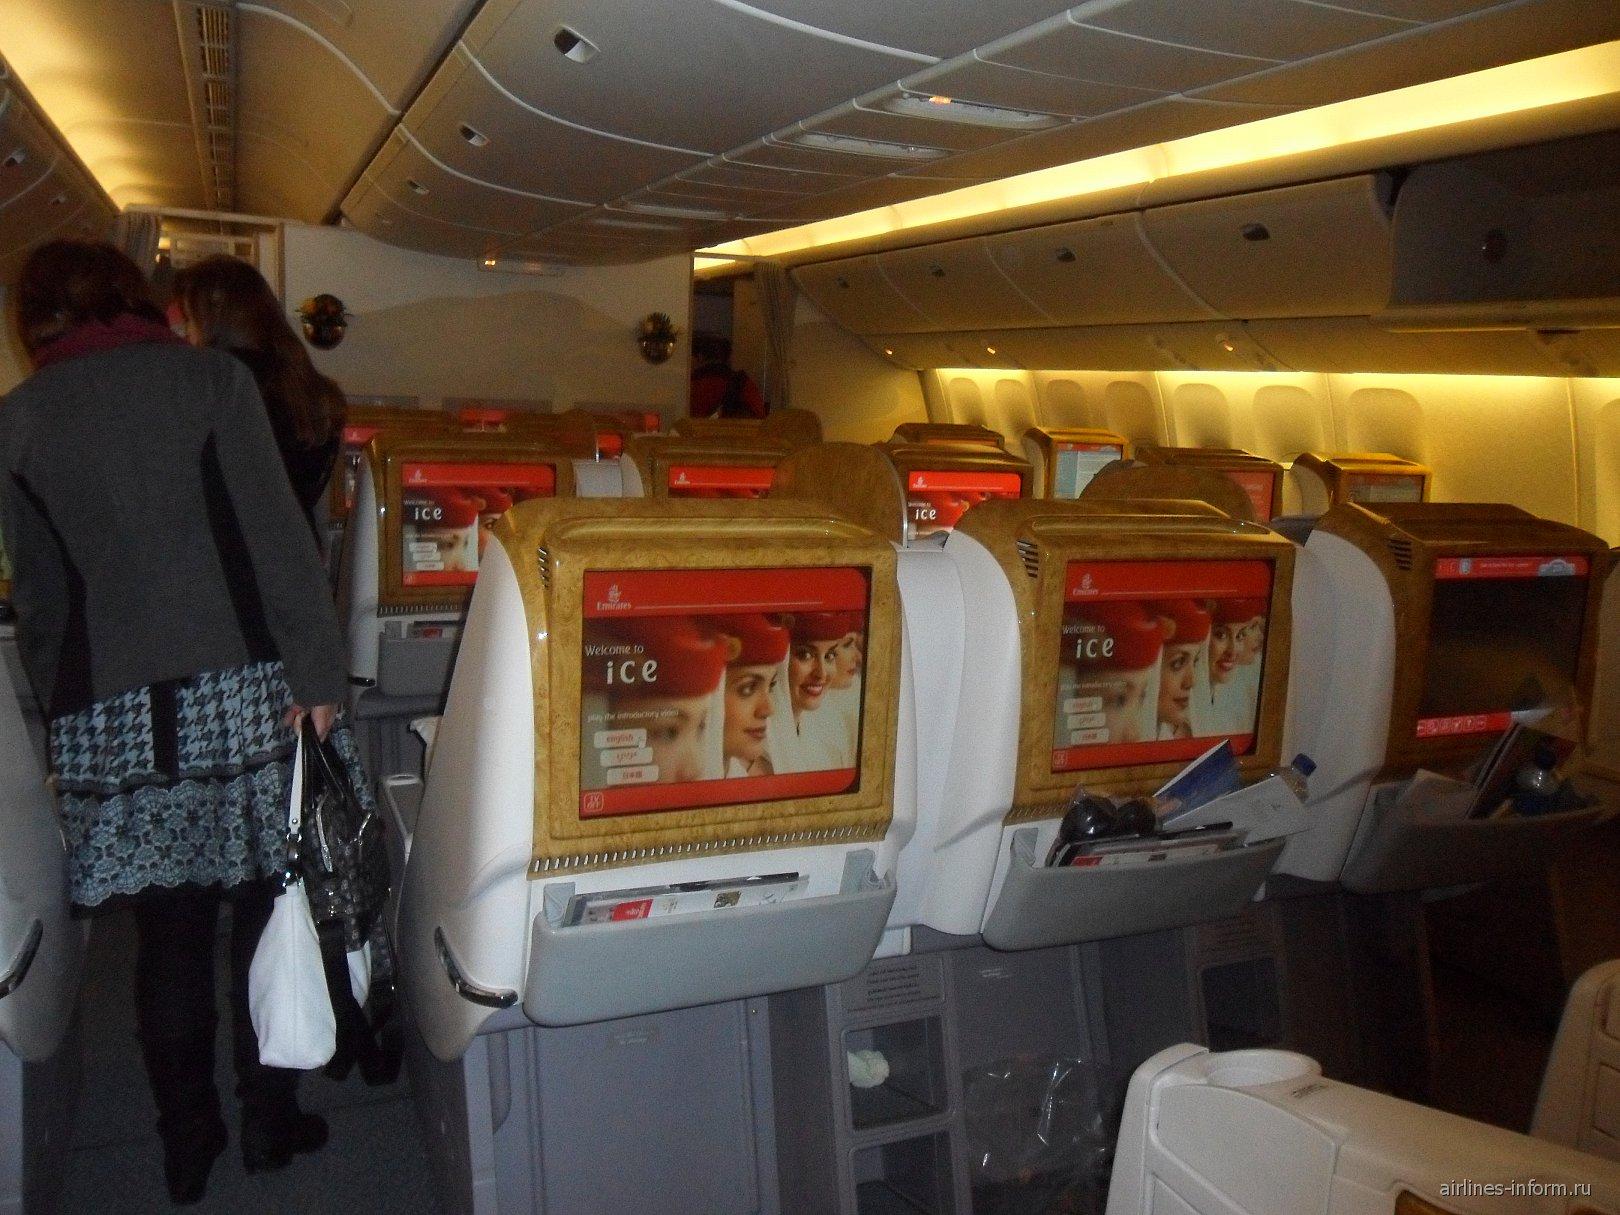 Система развлечений в самолете авиакомпании Emirates